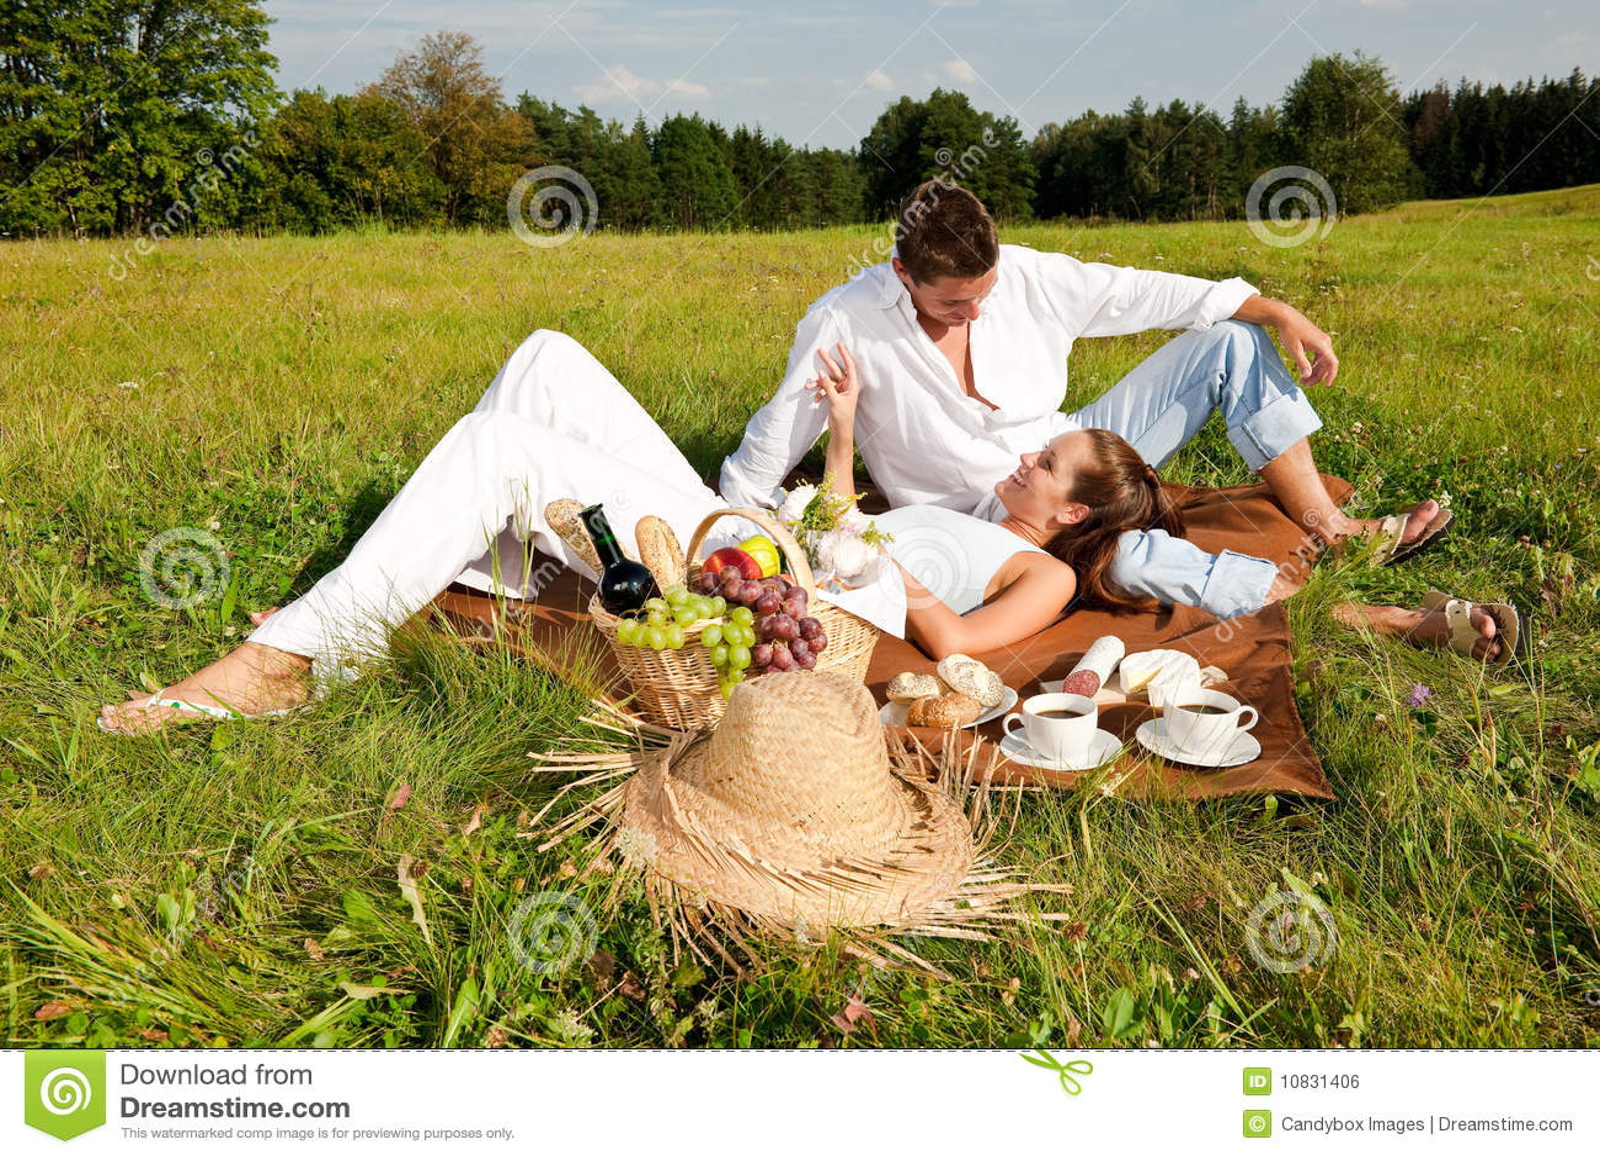 Adult dating sites in meadow utah